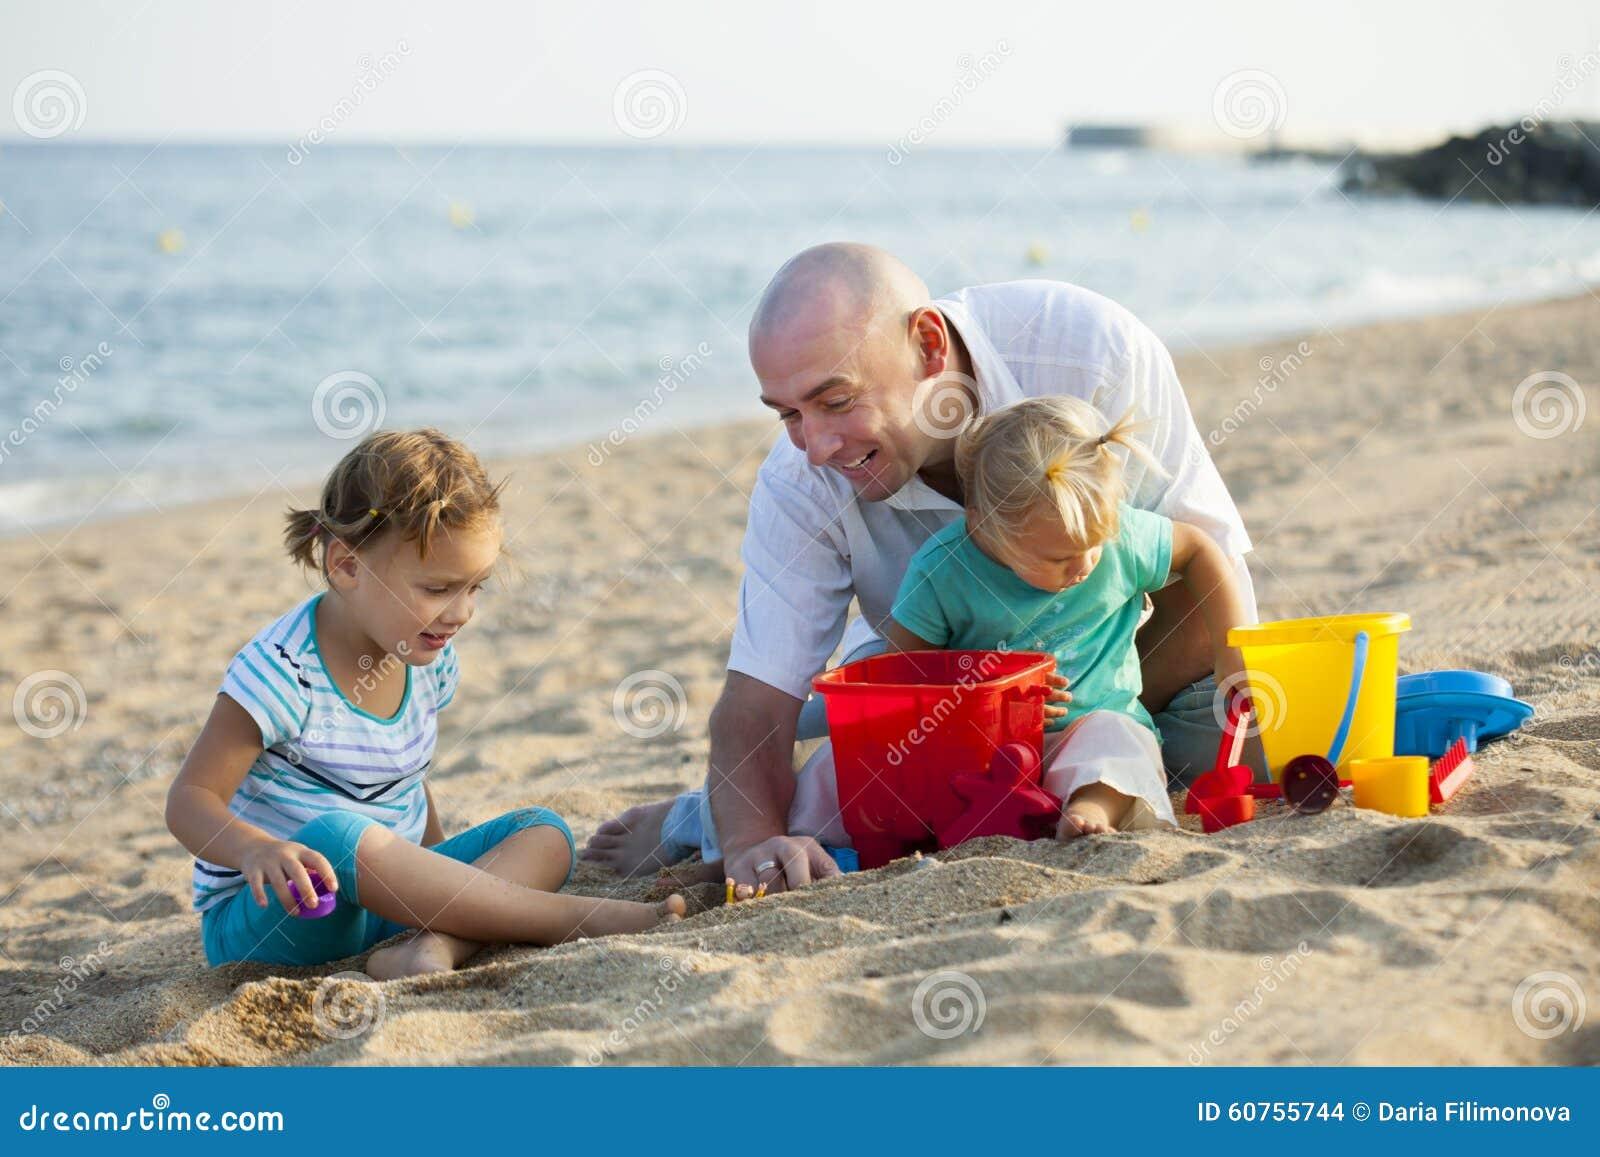 Children with Dad on beach